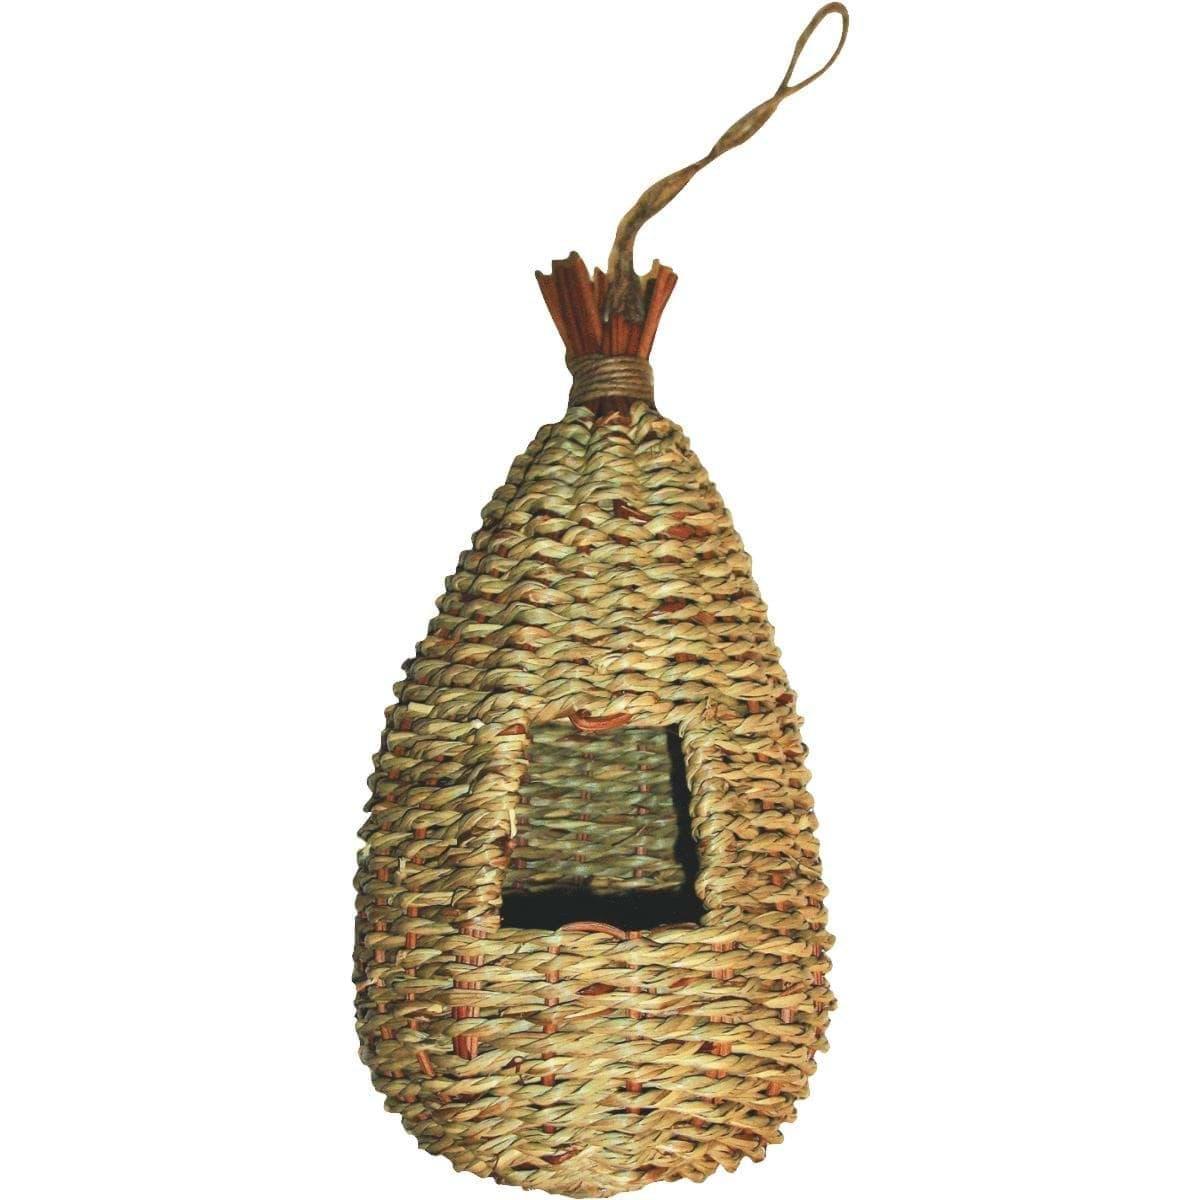 Ropesoapndope Gardman Teardrop Woven Rope Roosting Pocket